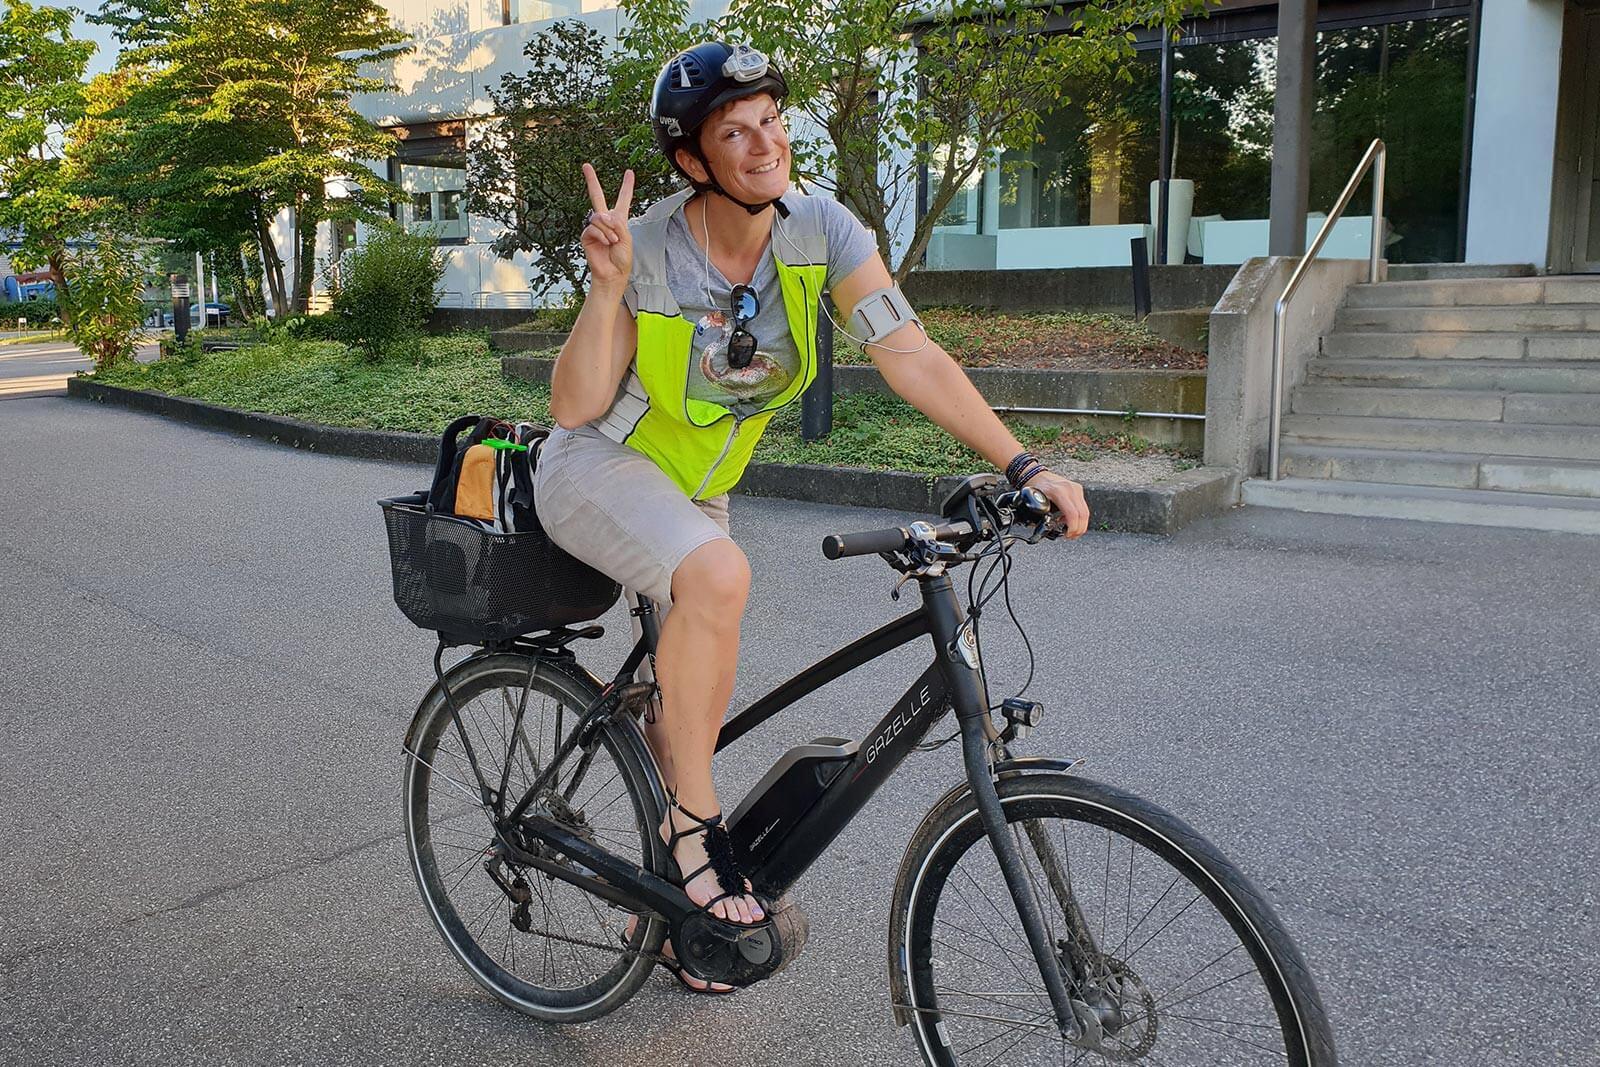 heine bike – Radeln statt im Stau stehen